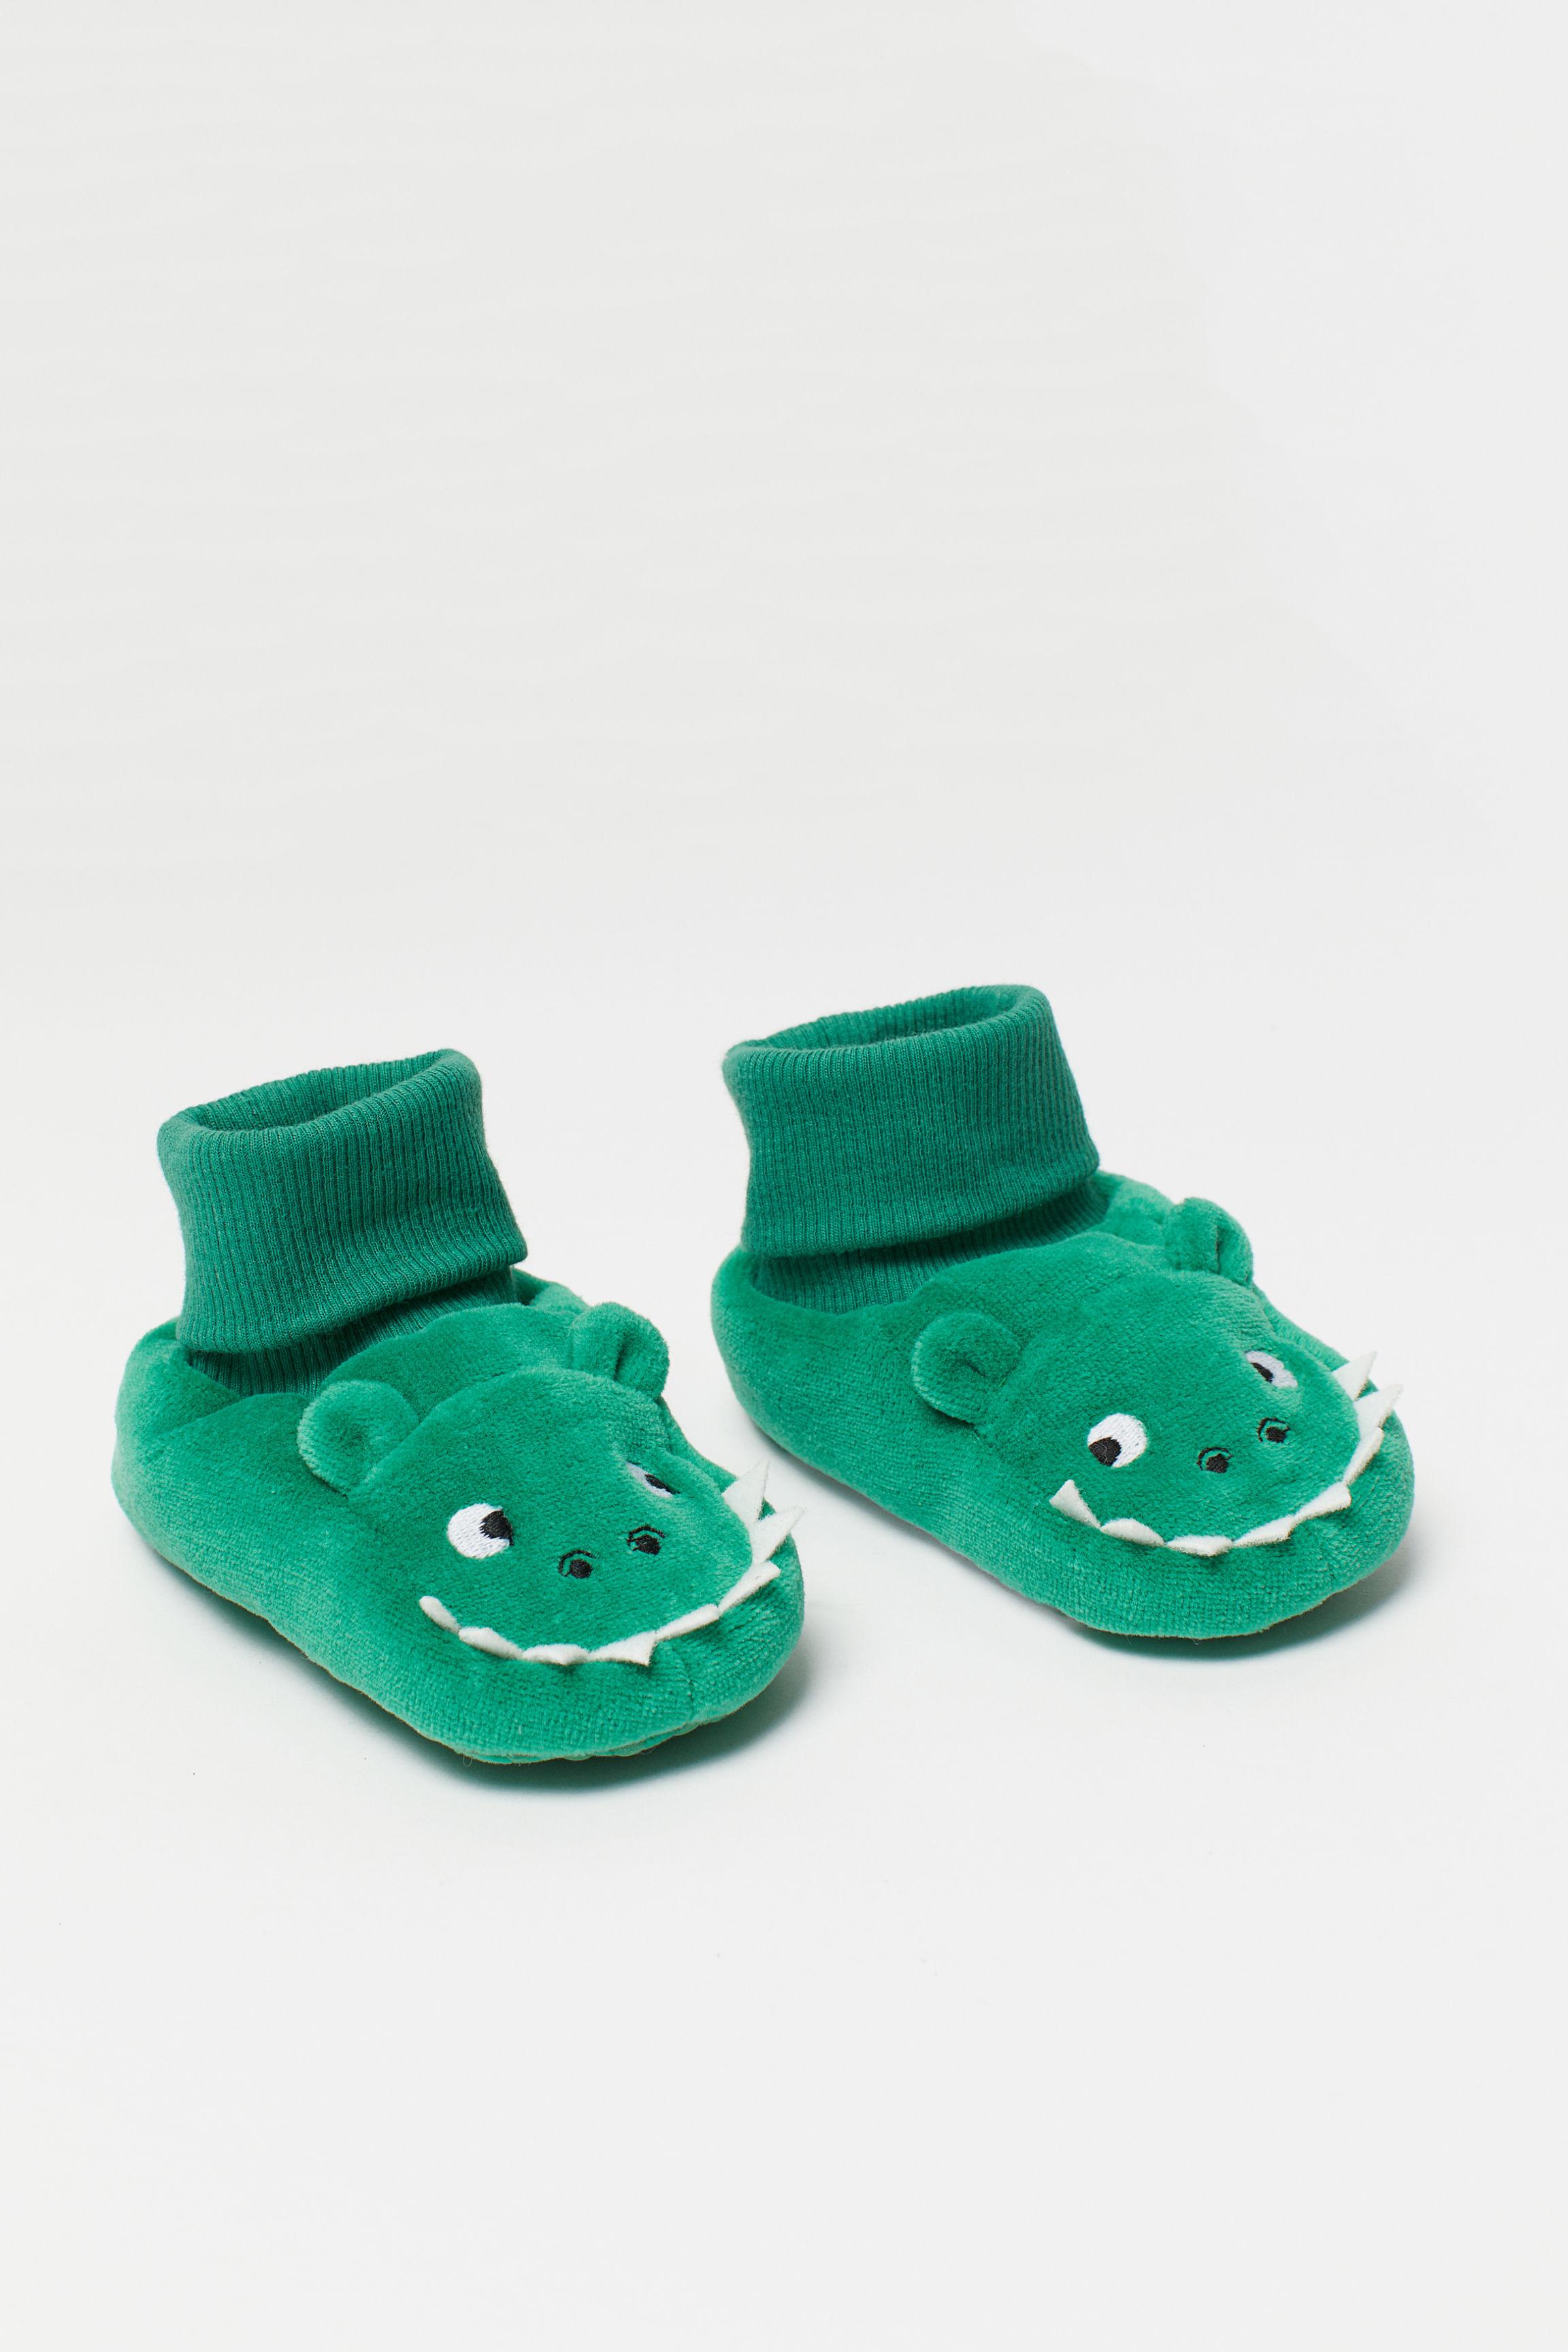 a8b6659e0aa5 Velour Slipper Socks - Green crocodile - Kids